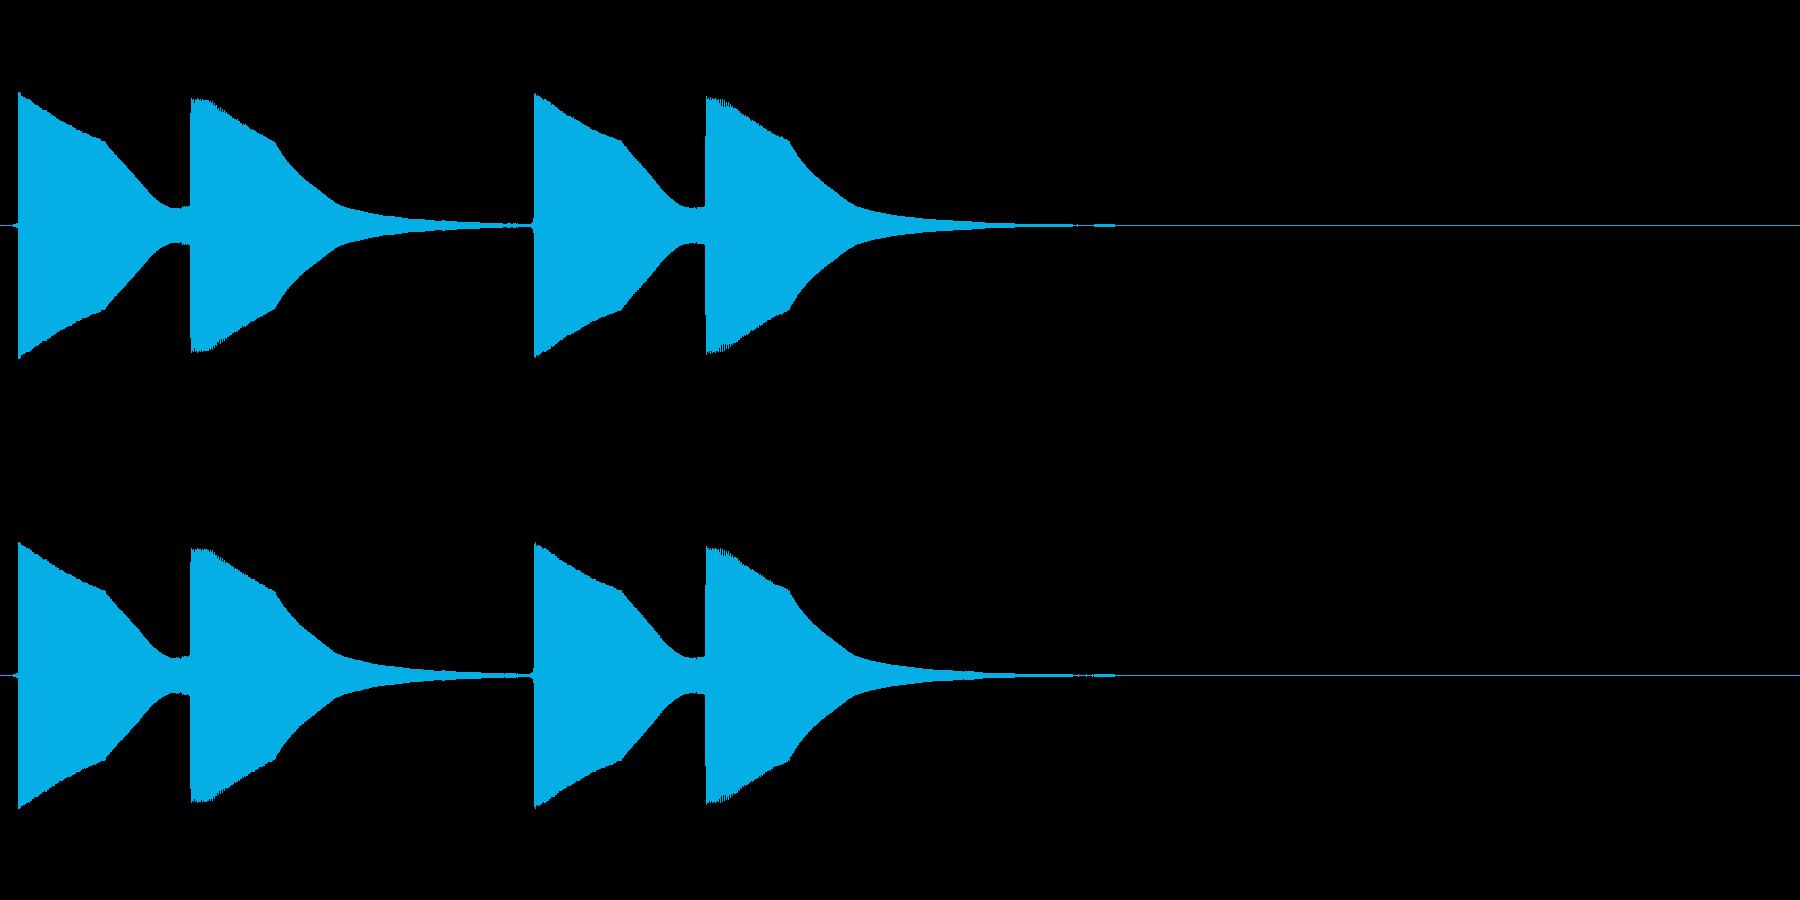 ドアベルの再生済みの波形